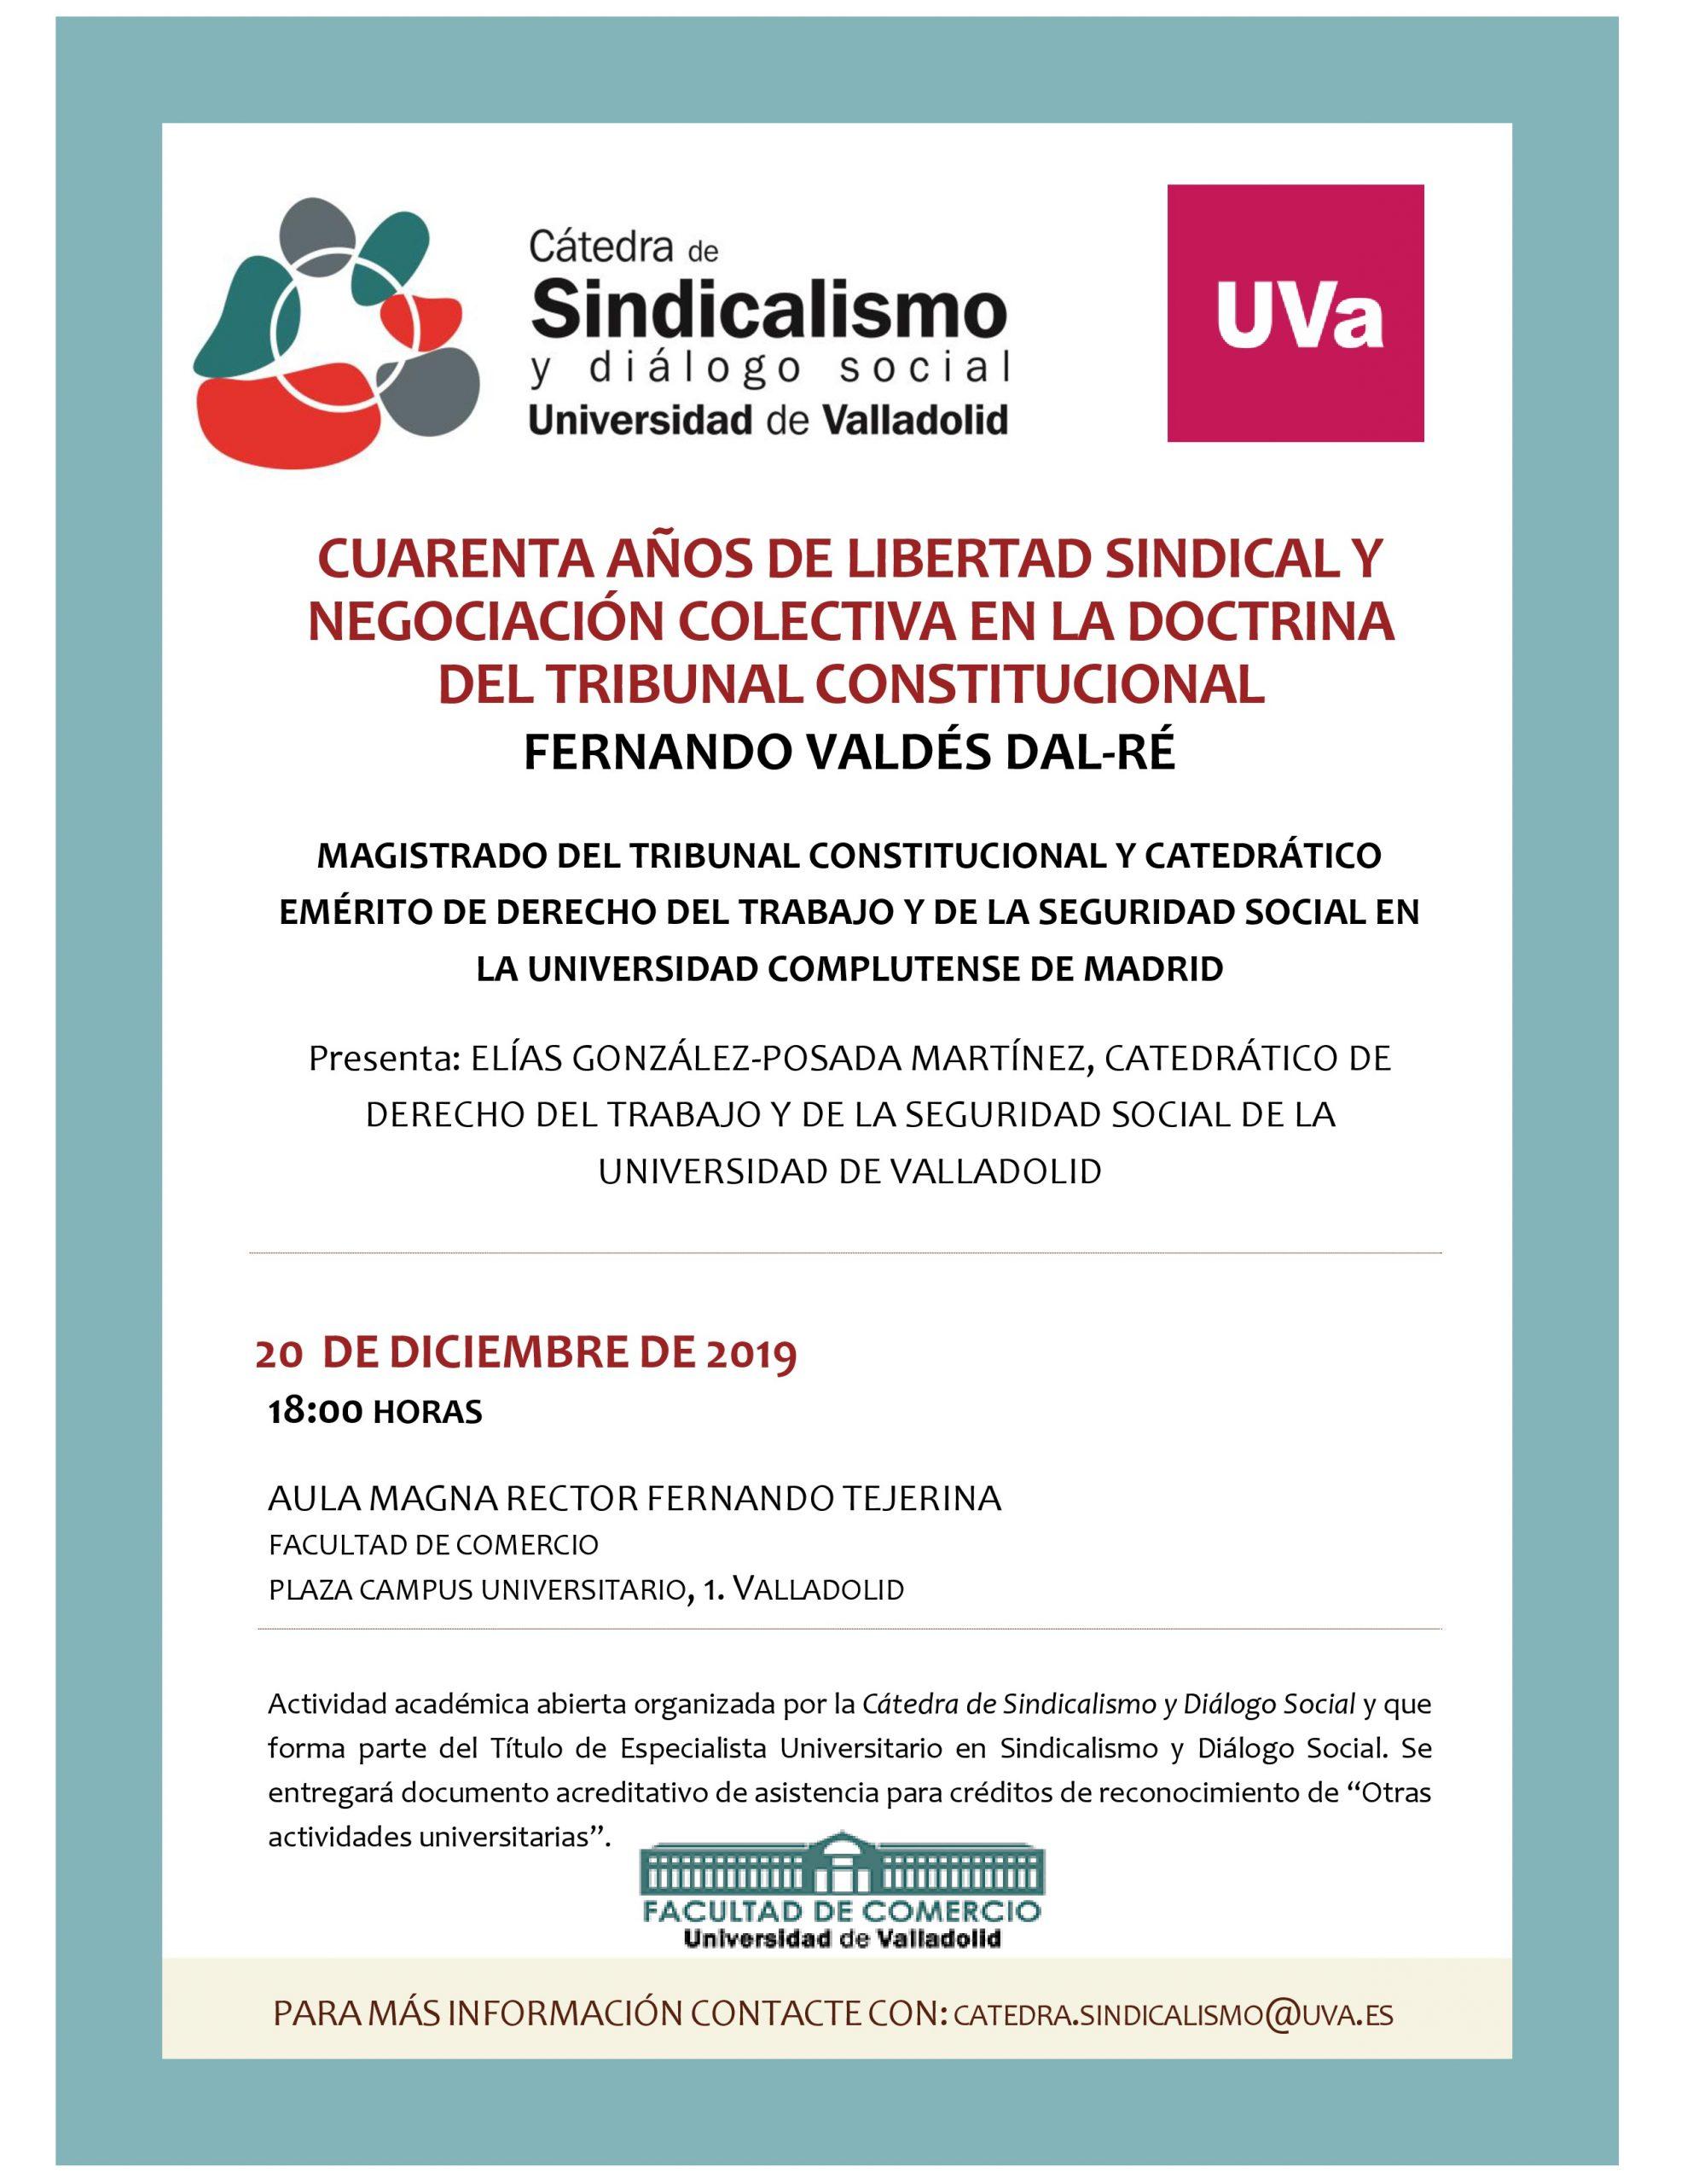 CONFERENCIA: Cuarenta años de libertad Sindical y Negociación colectiva en la doctrina del Tribunal Constitucional